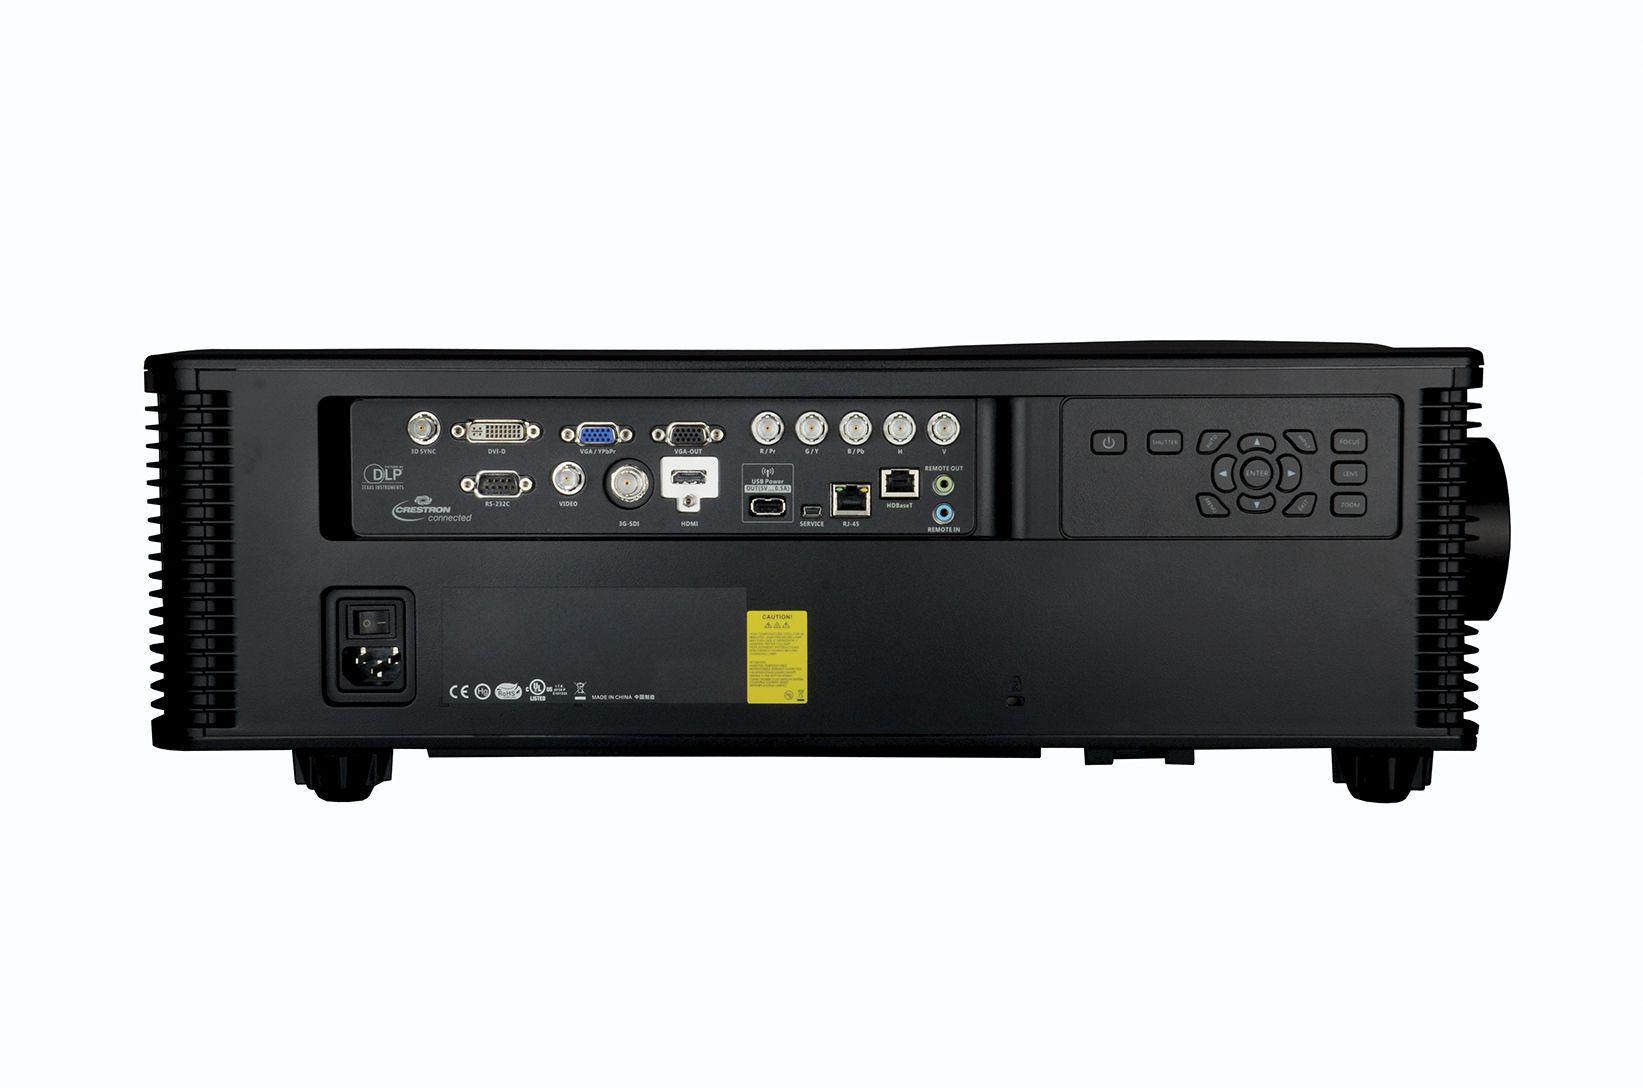 Проектор Optoma WU1500 (95.71W01GC0E)